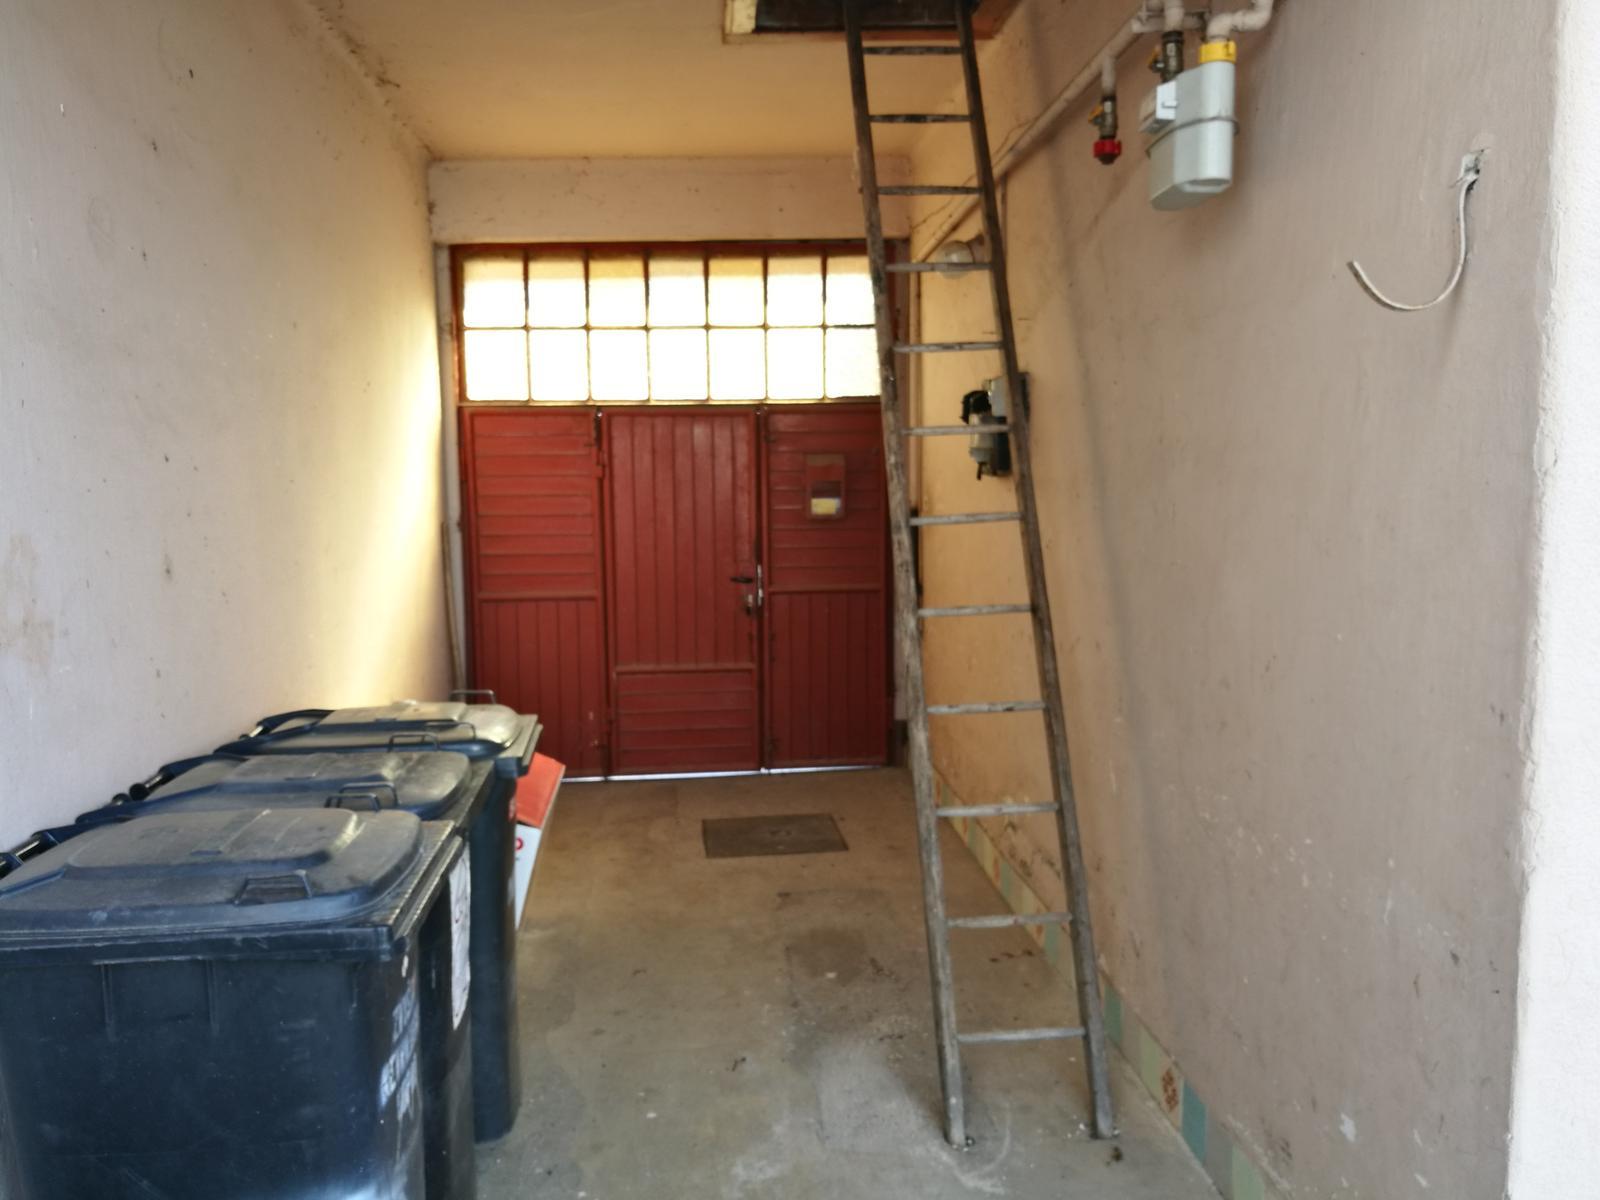 Náš budúci domov - rekonštrukcia rodinného domu - Obrázok č. 13